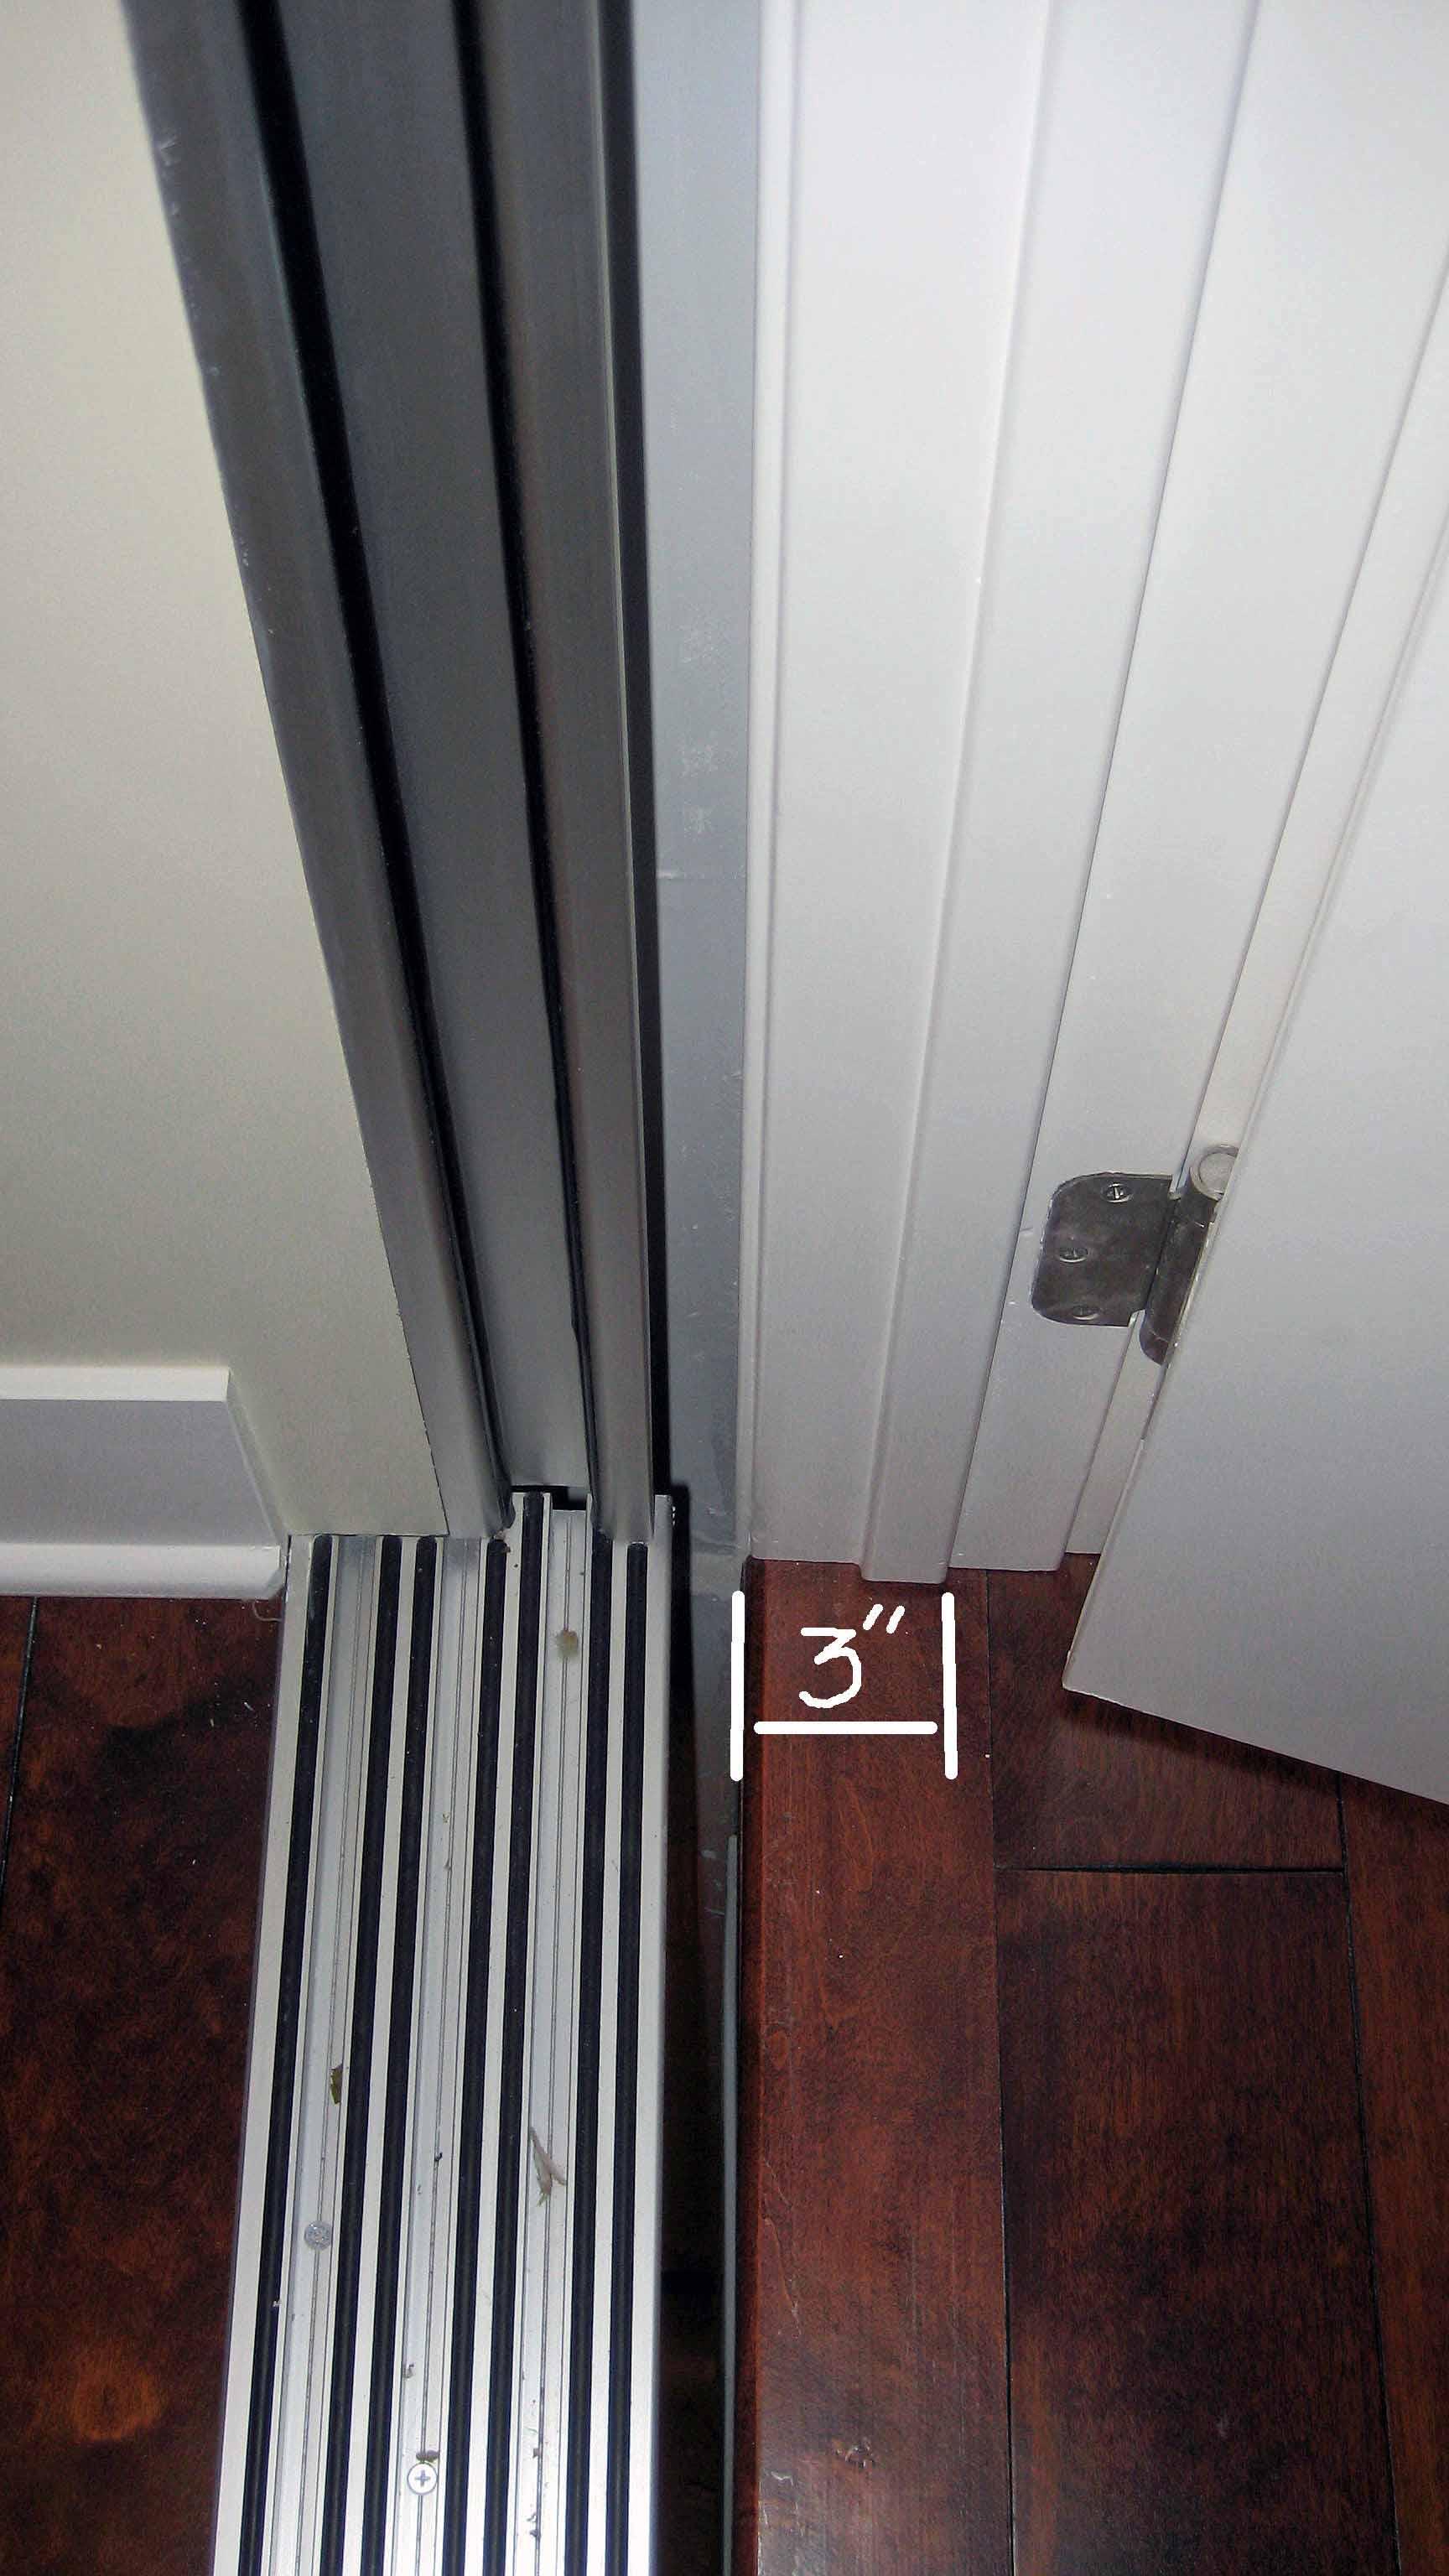 3 Inch - Max. Threshold to Door Stop.jpg